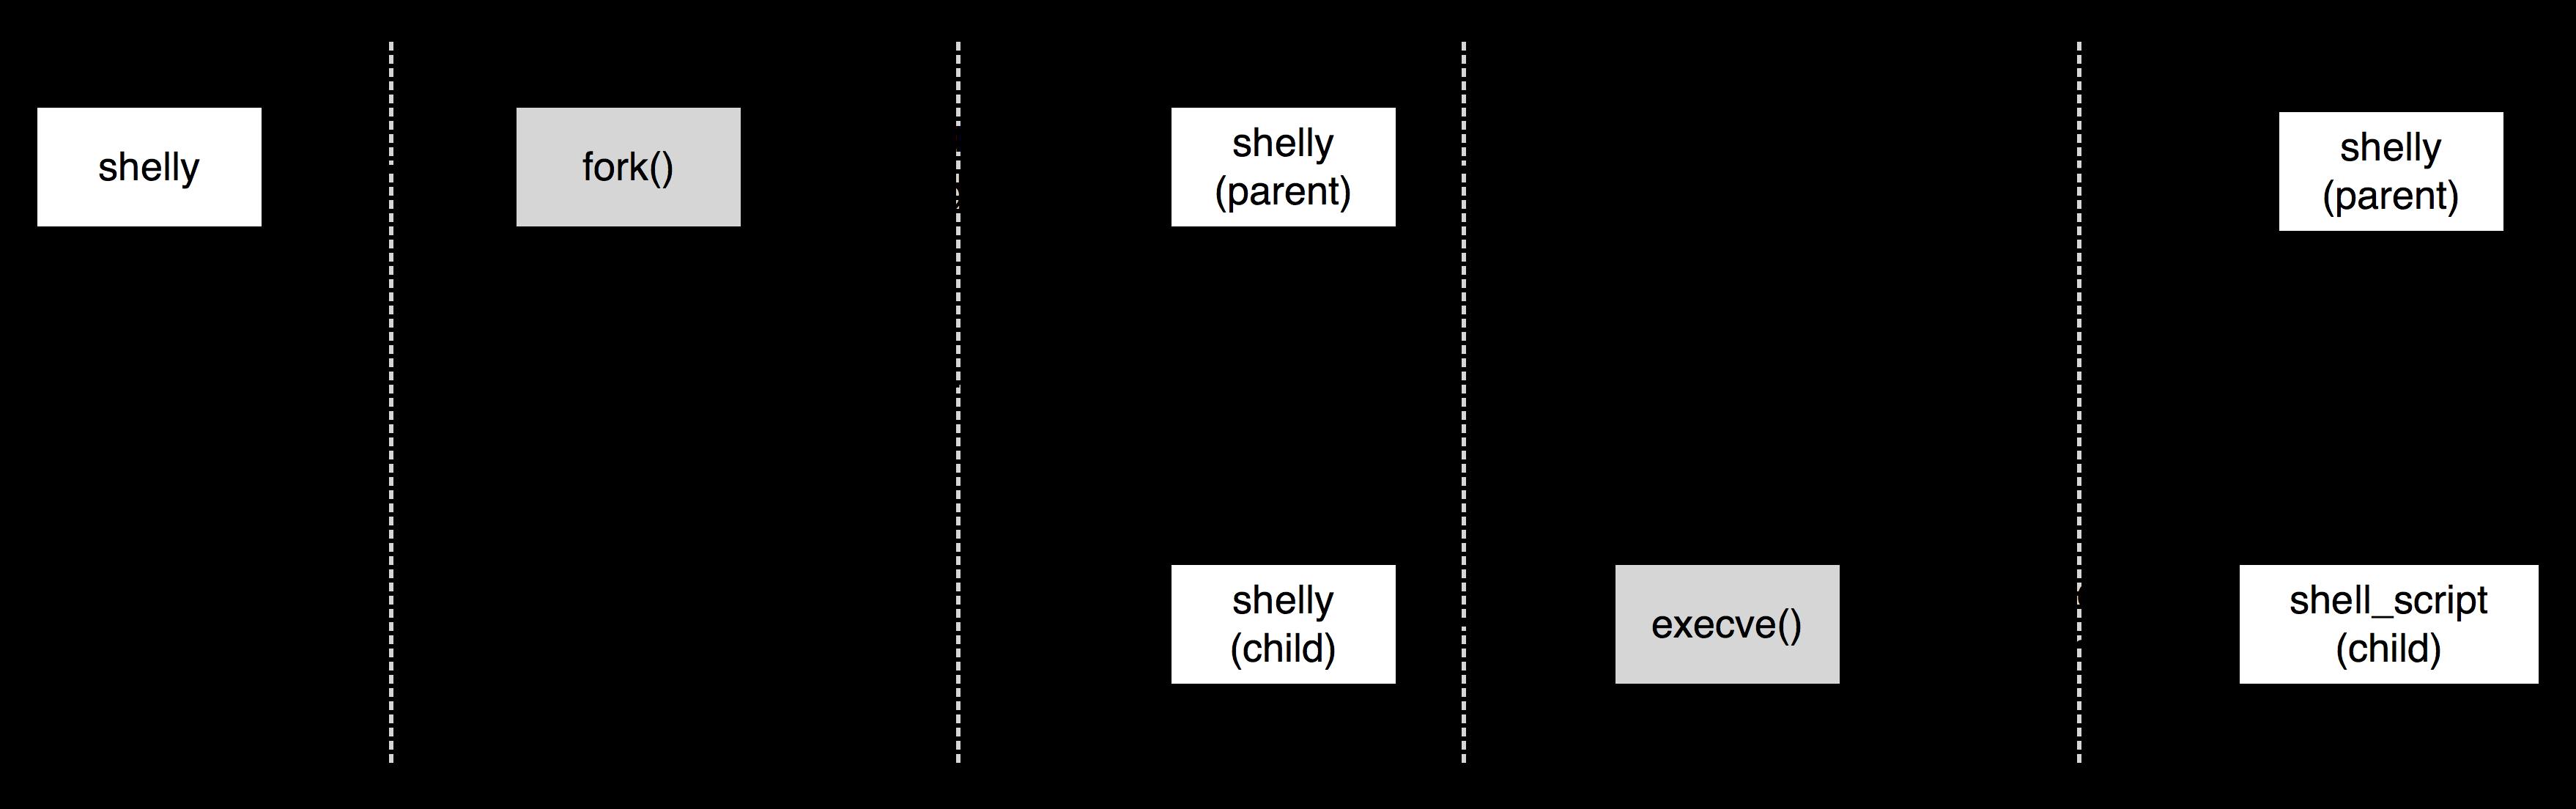 shelly_exec_fork-00e2df12-3657-47b0-8adf-98f1335ea70c